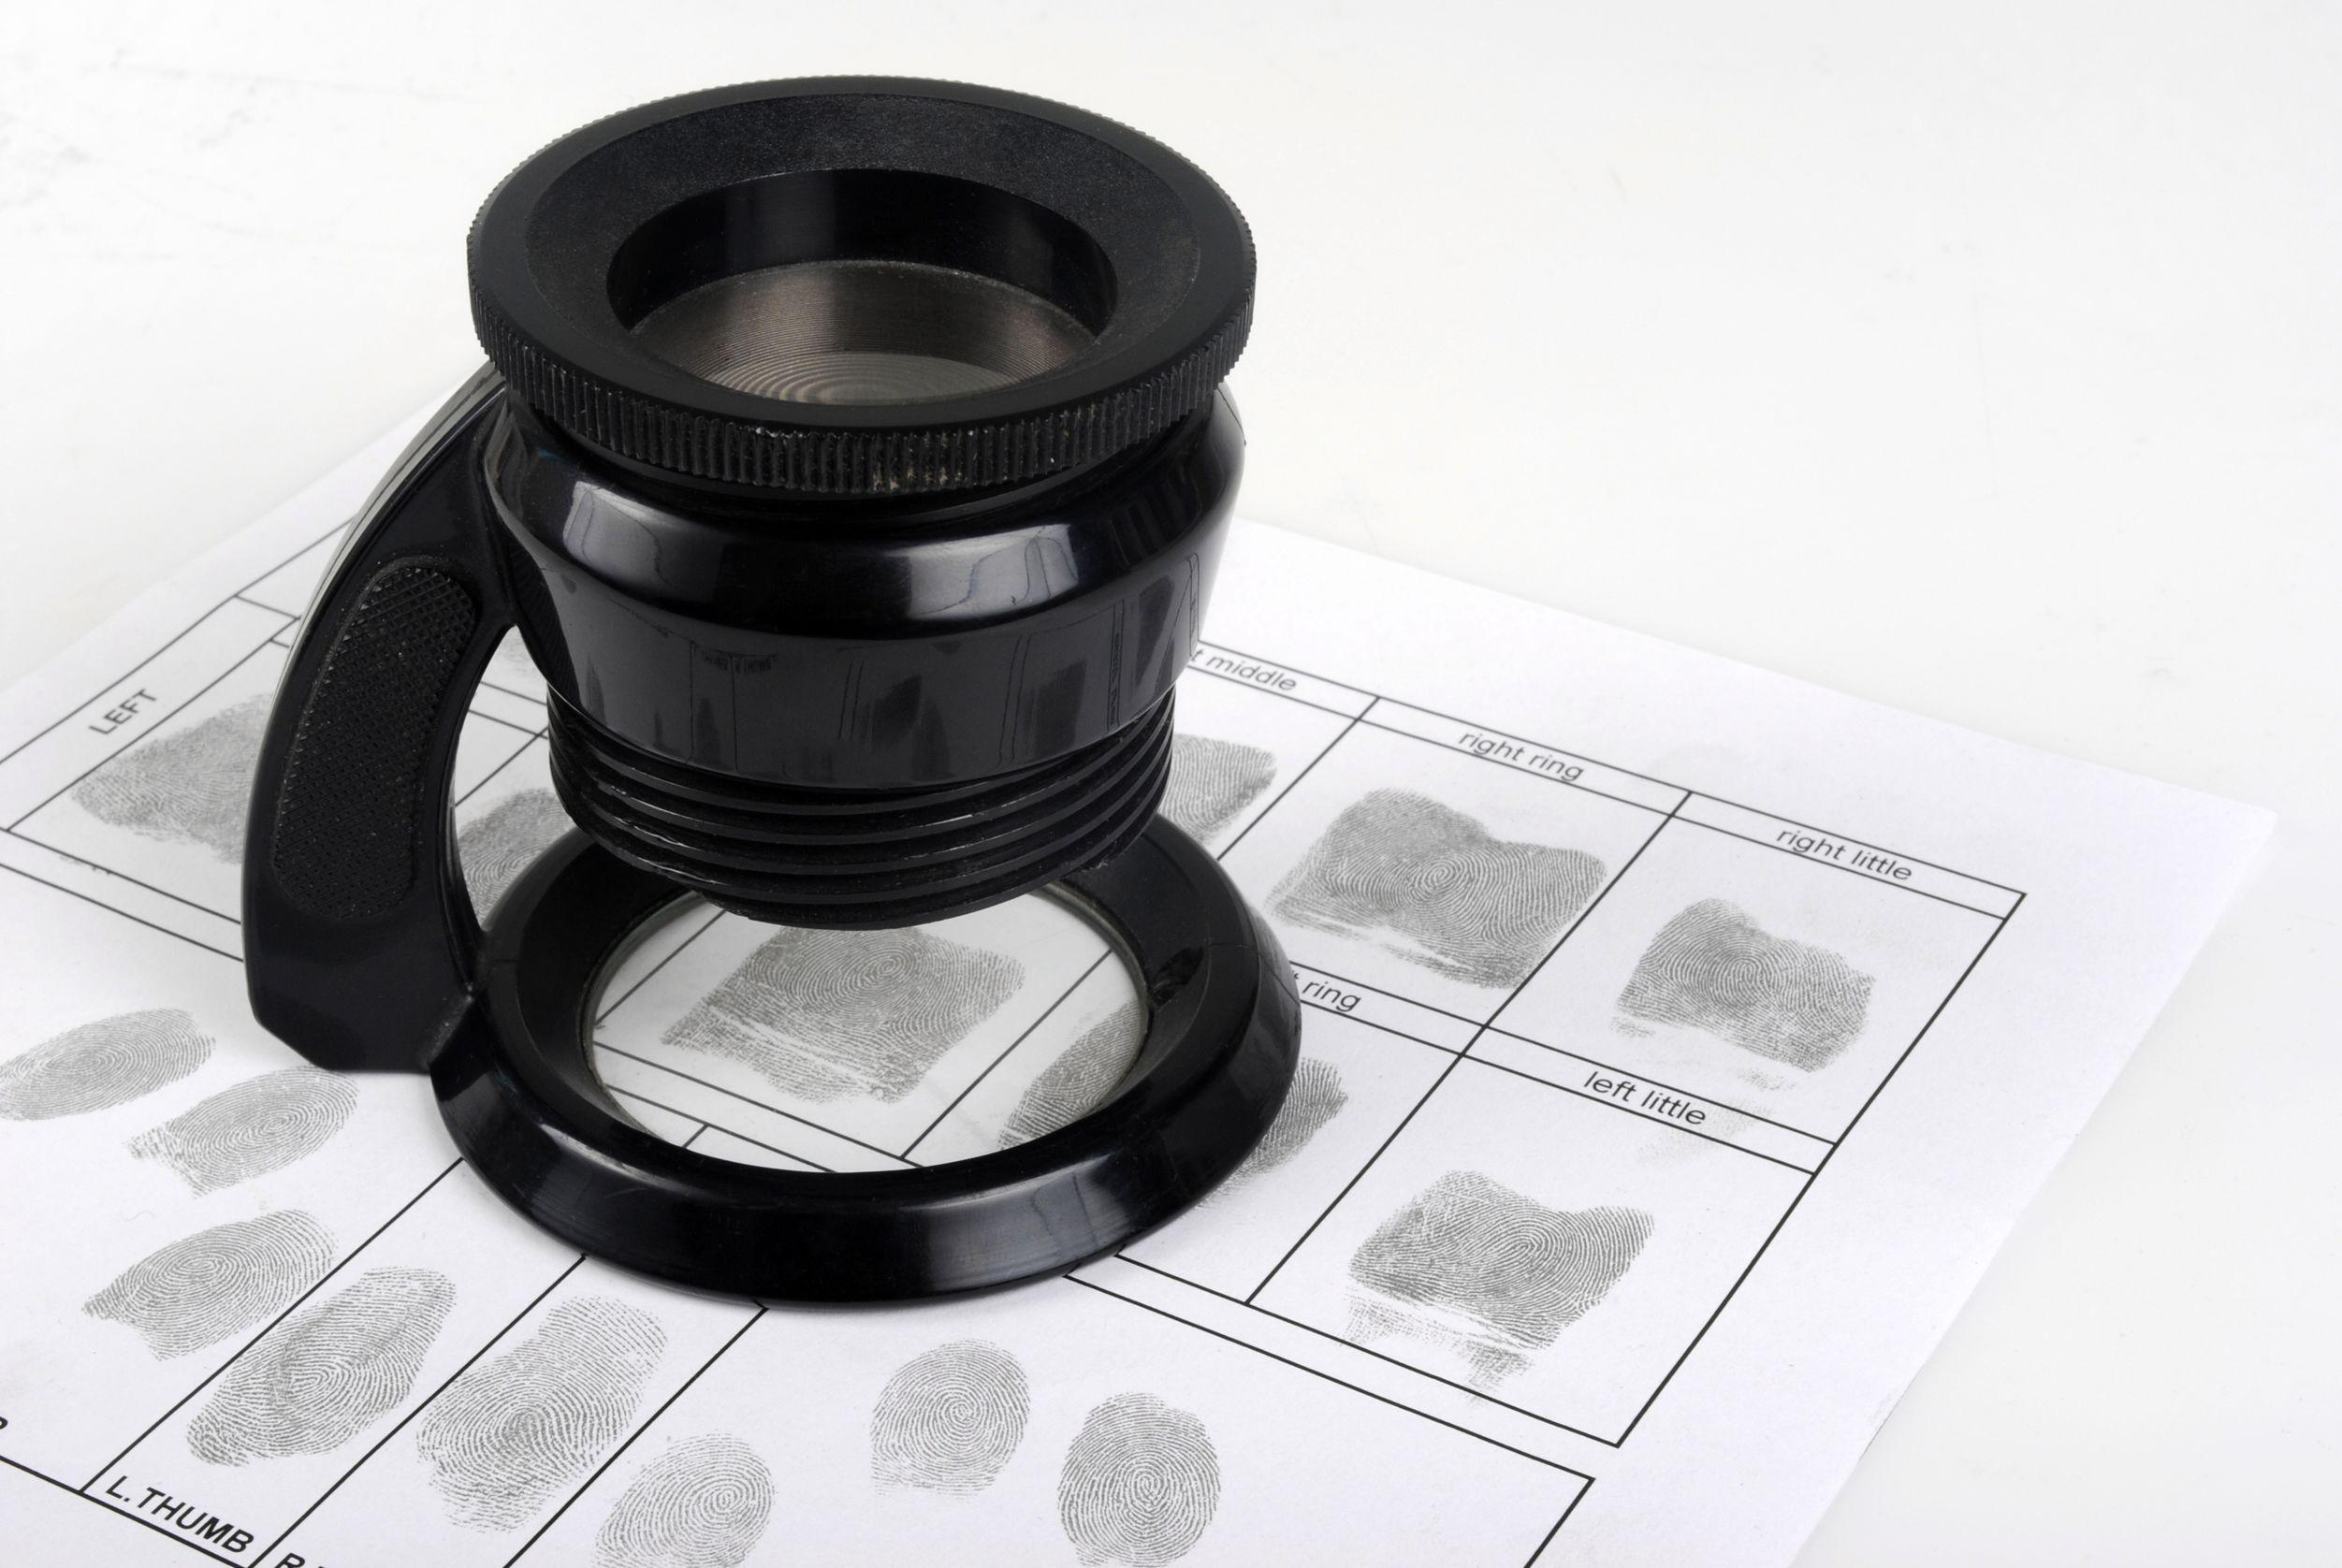 dattiloscopia_high investigazioni penali